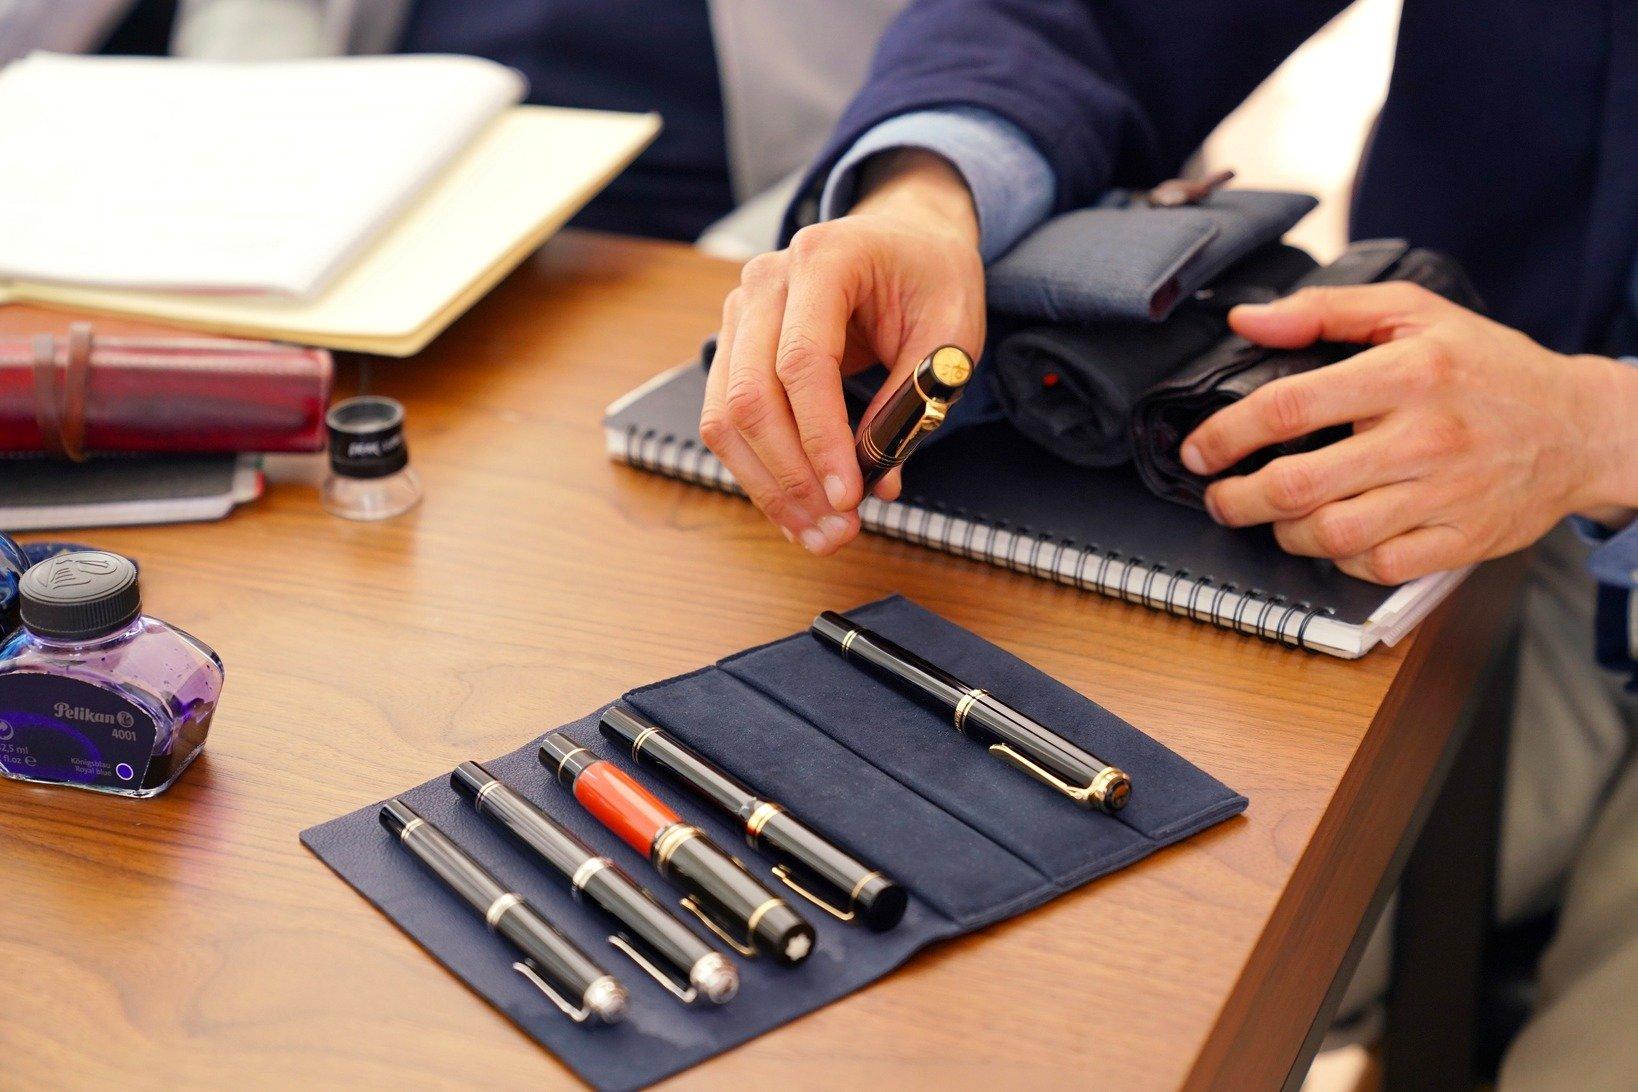 飯野さん持参の万年筆たち。黒軸ボディに金クリップの組み合わせ、通称:仏壇万年筆がお気に入り。